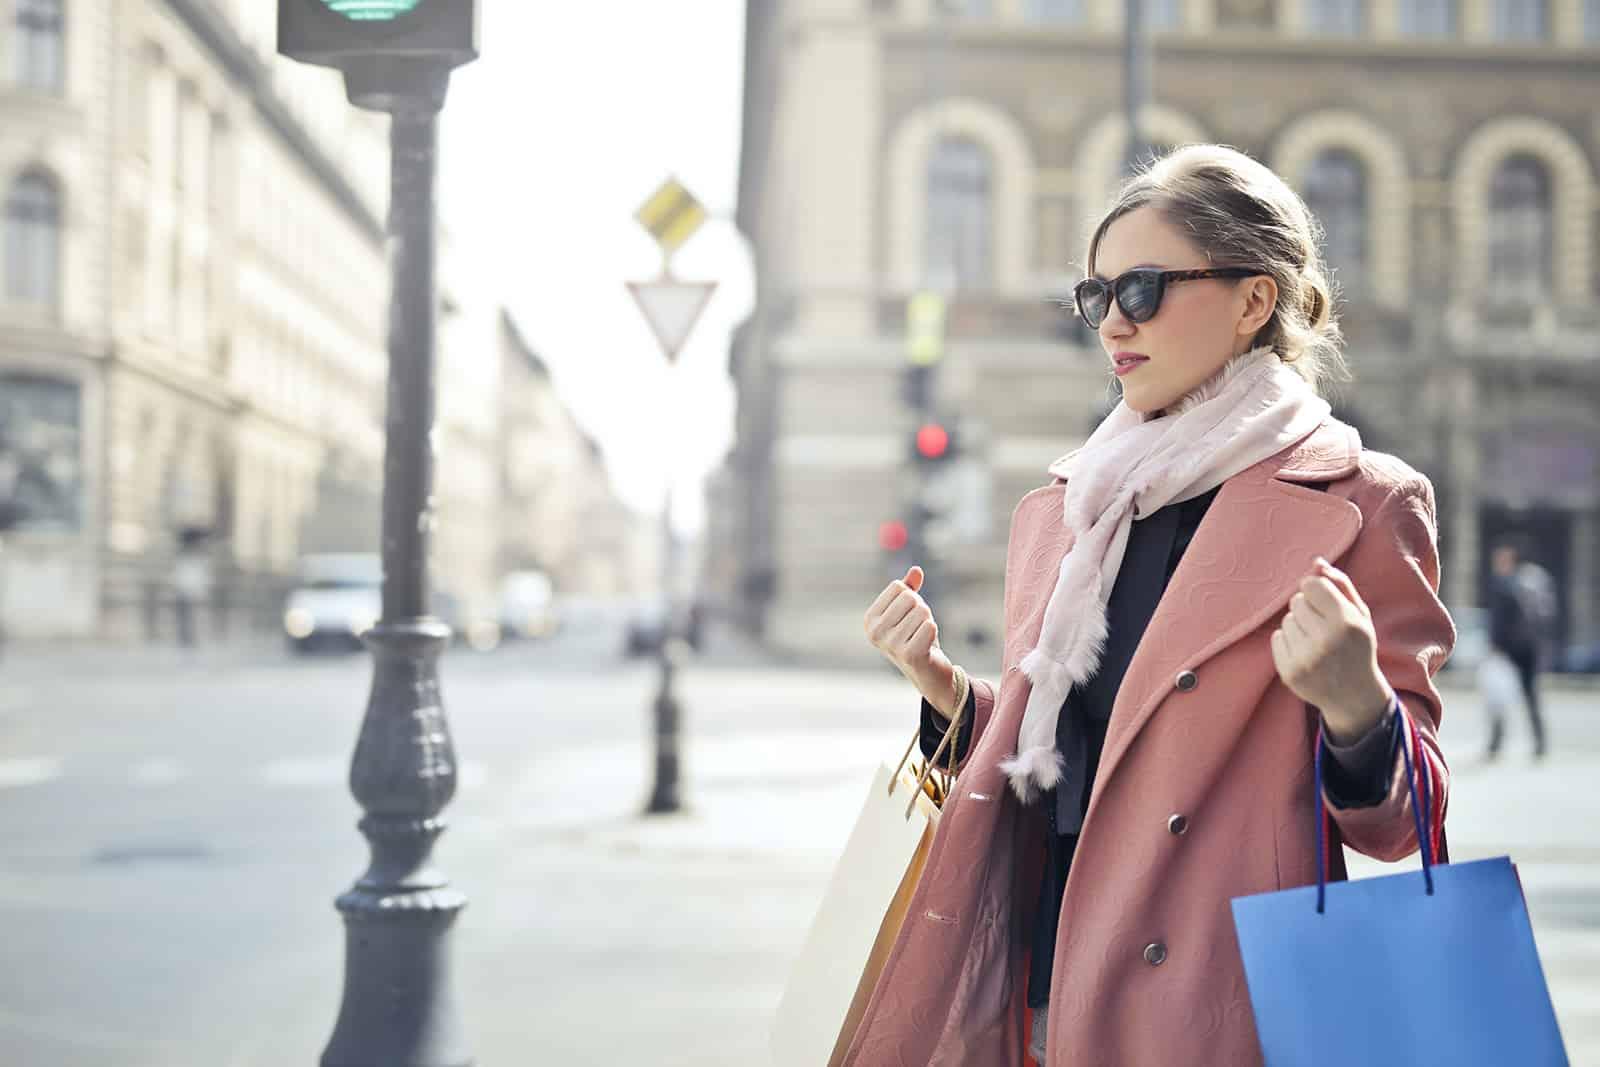 eine Frau in einem rosa Mantel, der Einkaufstaschen hält, die auf dem Bürgersteig stehen